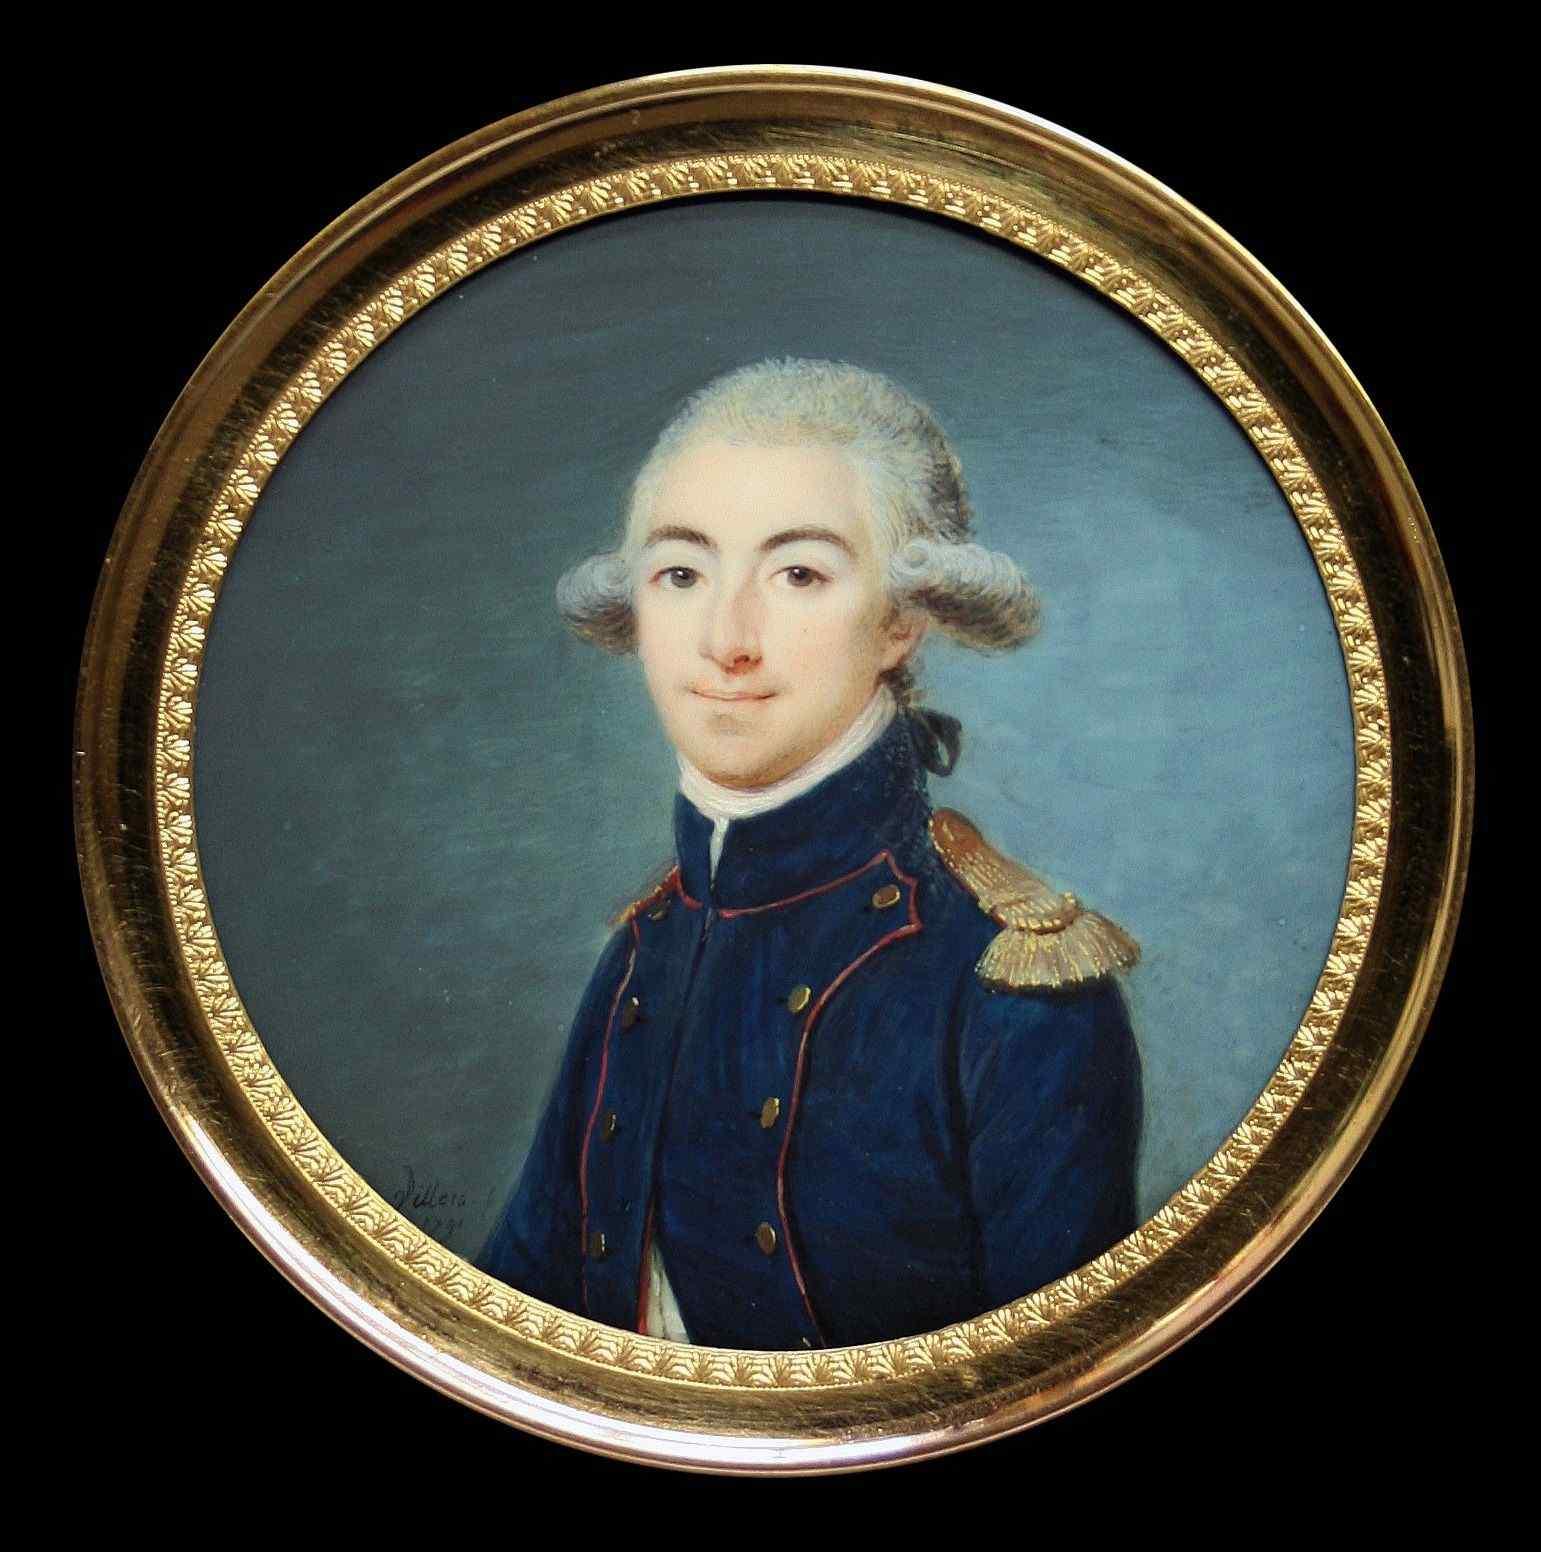 Villers, Ritratto di un giovane ufficiale, miniatura